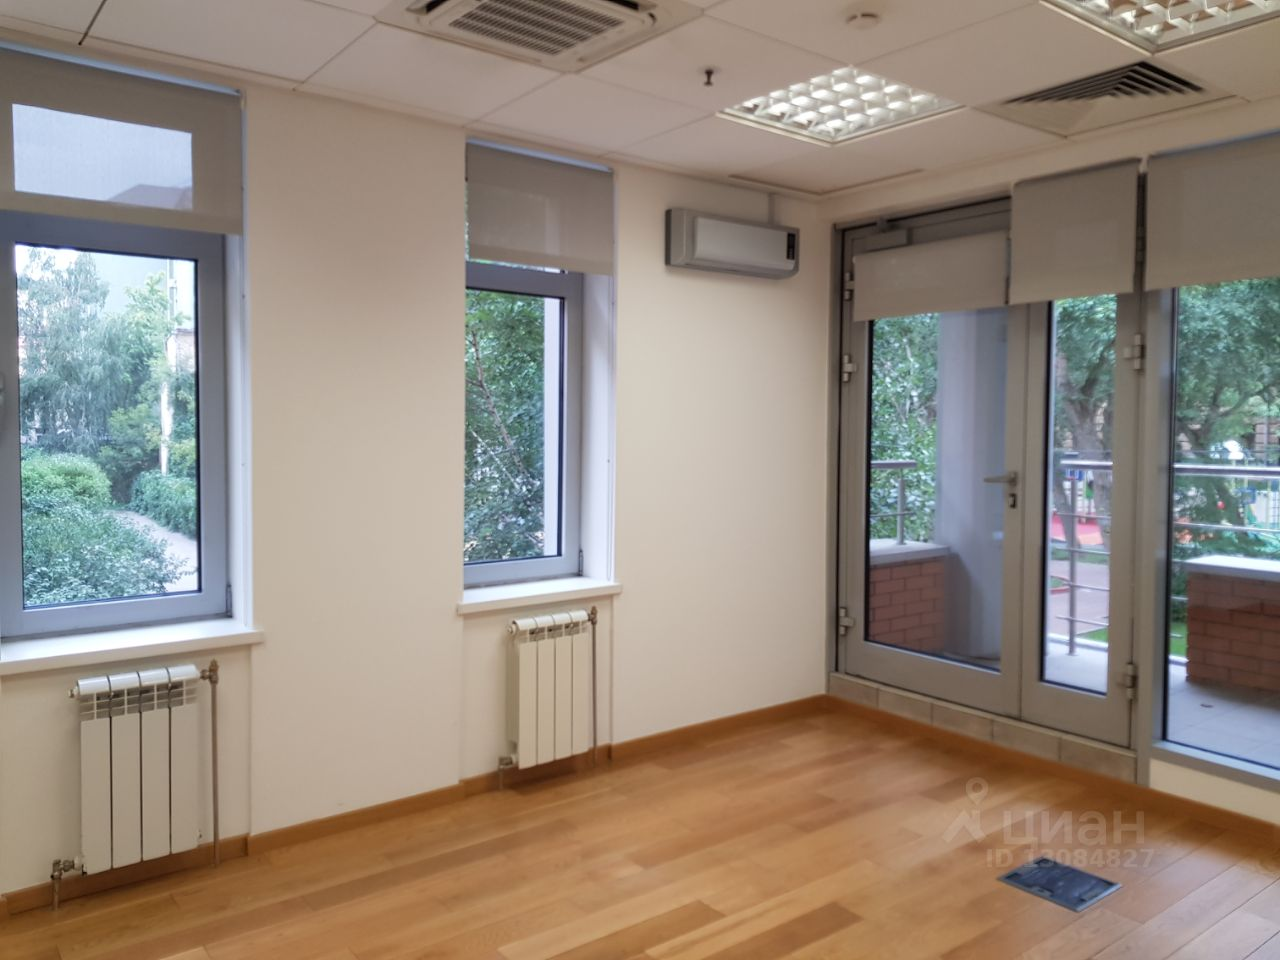 Аренда офиса 30 кв Сухаревская поиск Коммерческой недвижимости Сергея Эйзенштейна улица